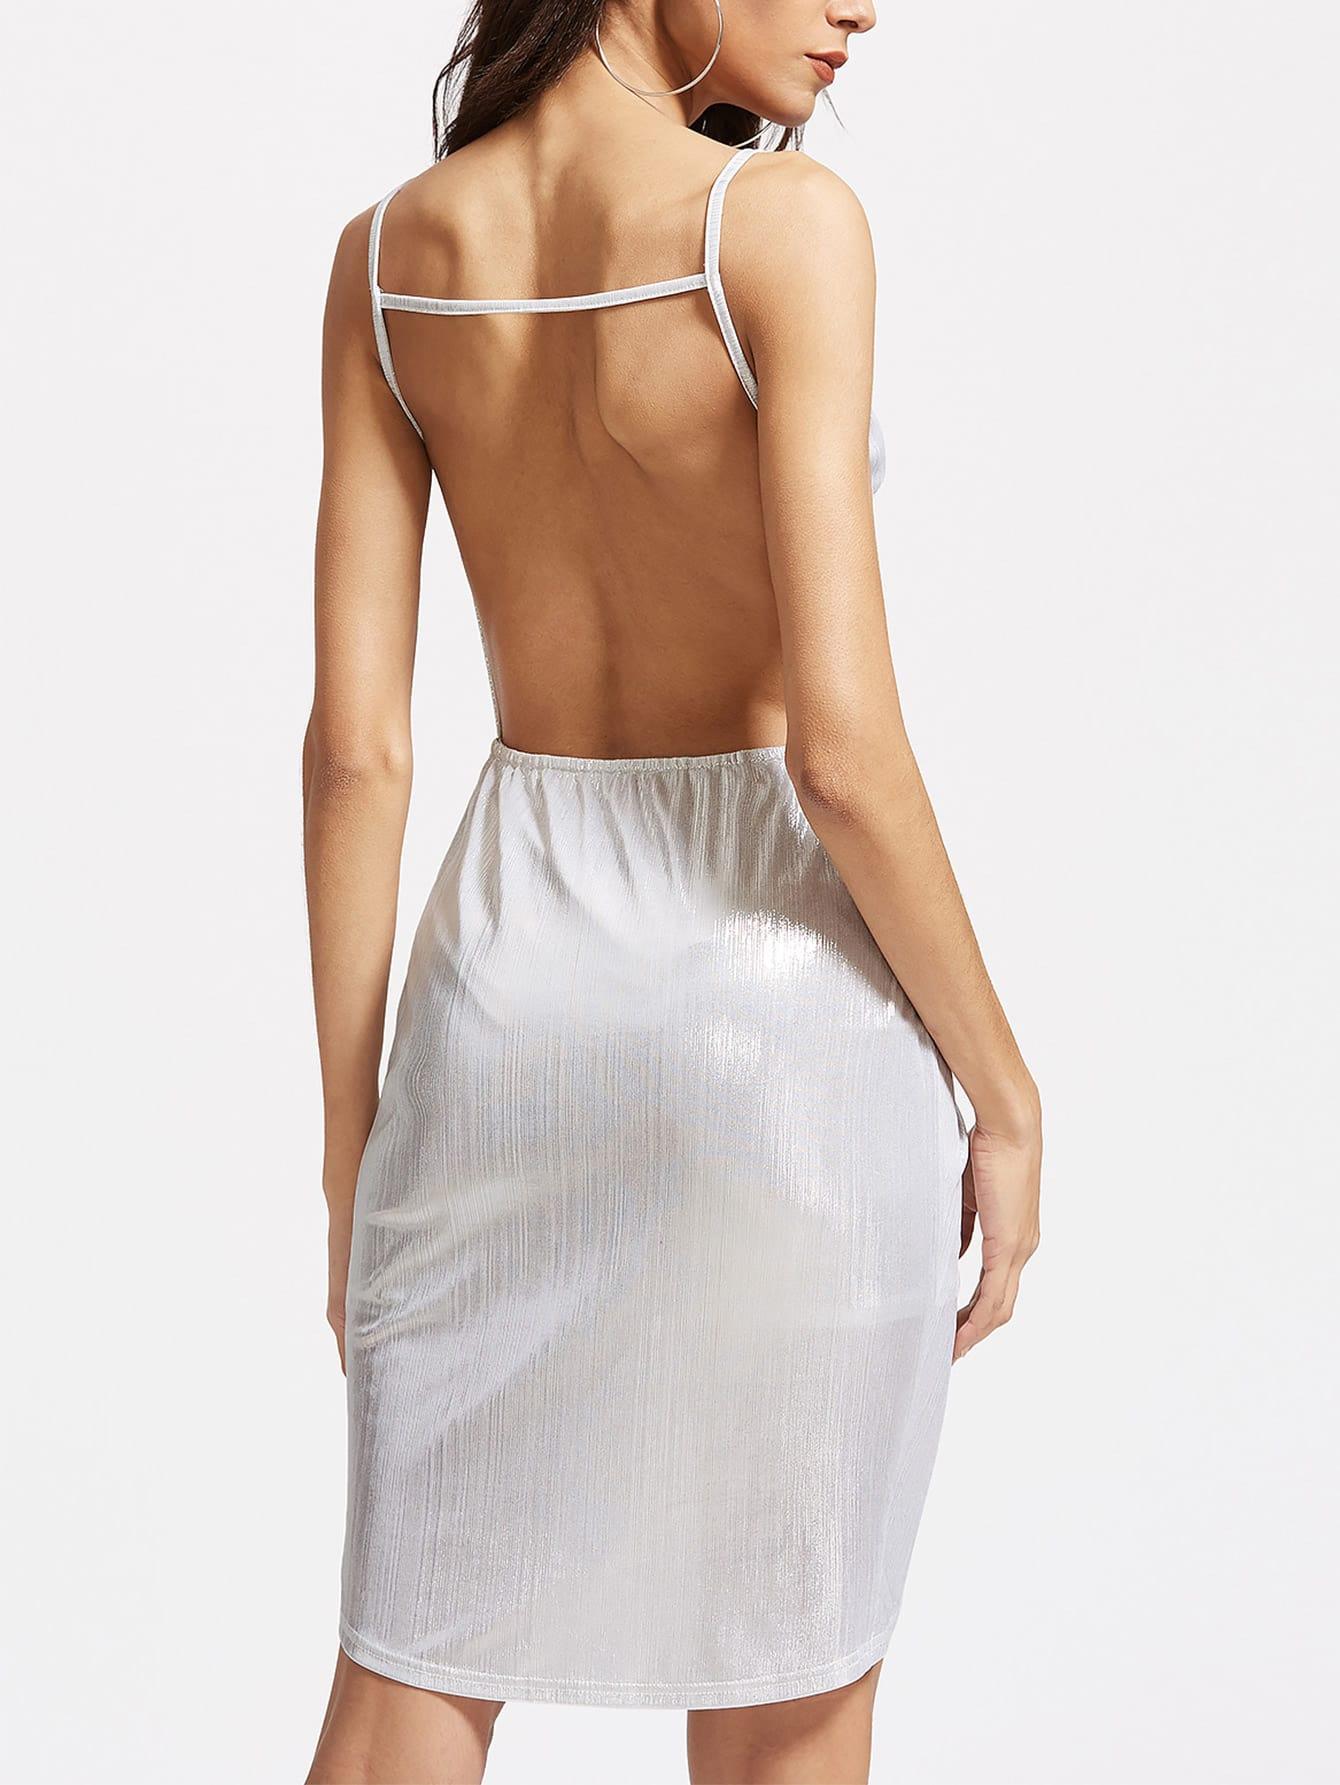 dress170302708_2